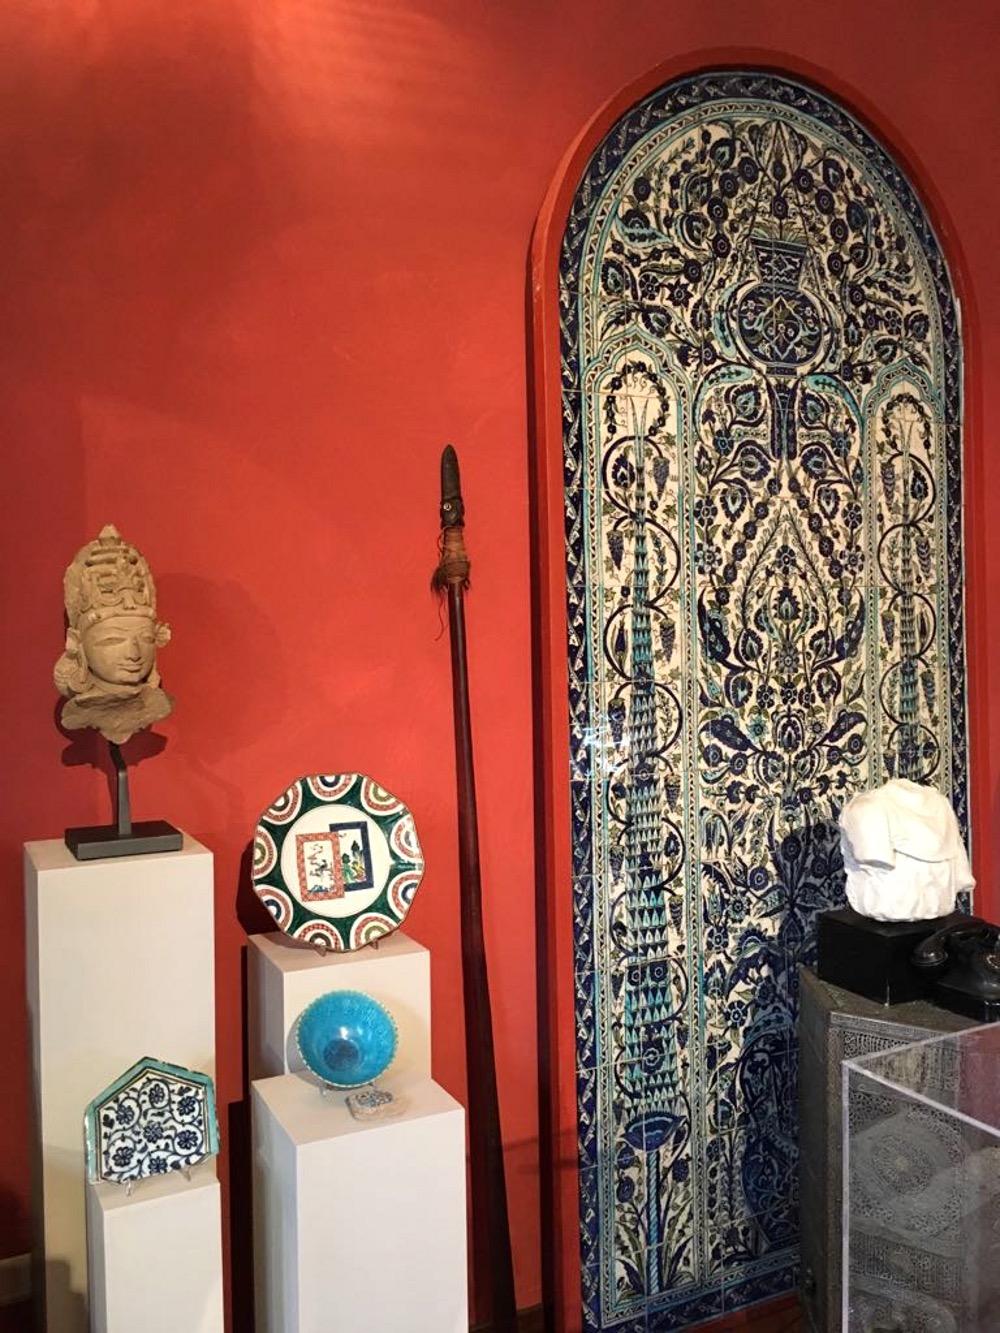 rocaille-blog-ethnologica-galleria-wunderkammer-andrea-filippi-forlì (59)